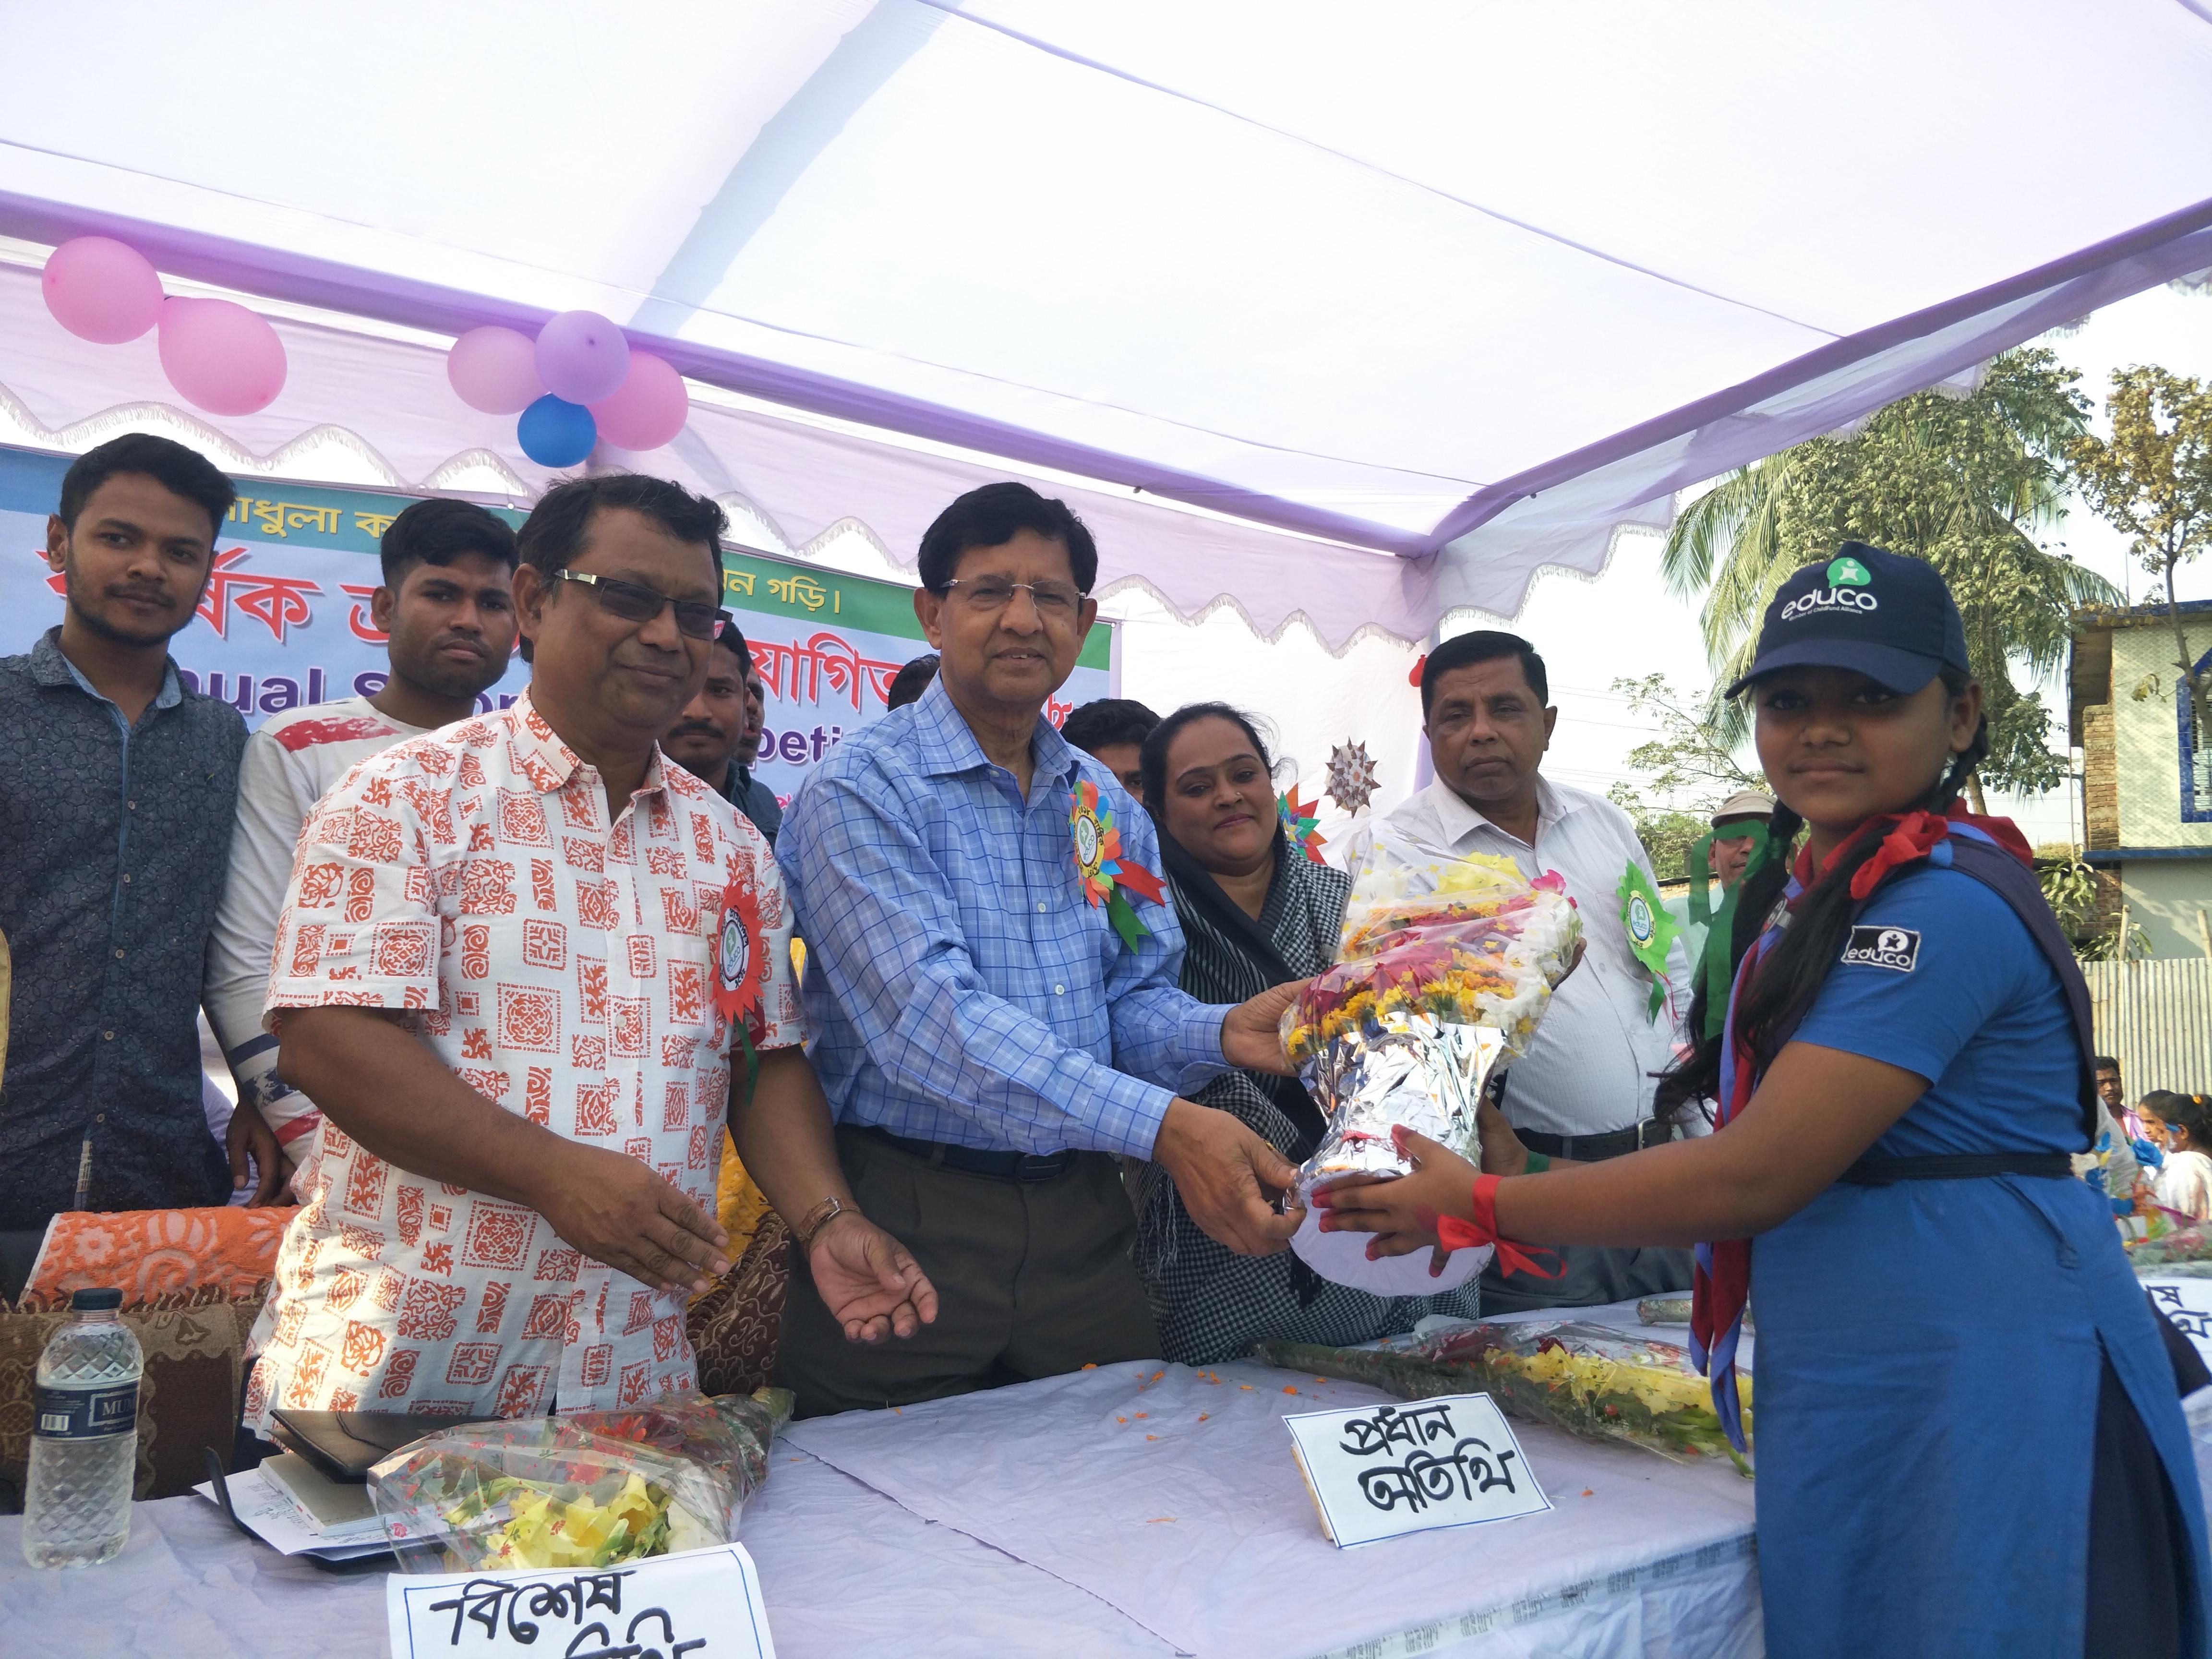 চনপাড়ায় এডুকো সেতুবন্ধন পাটশালায়